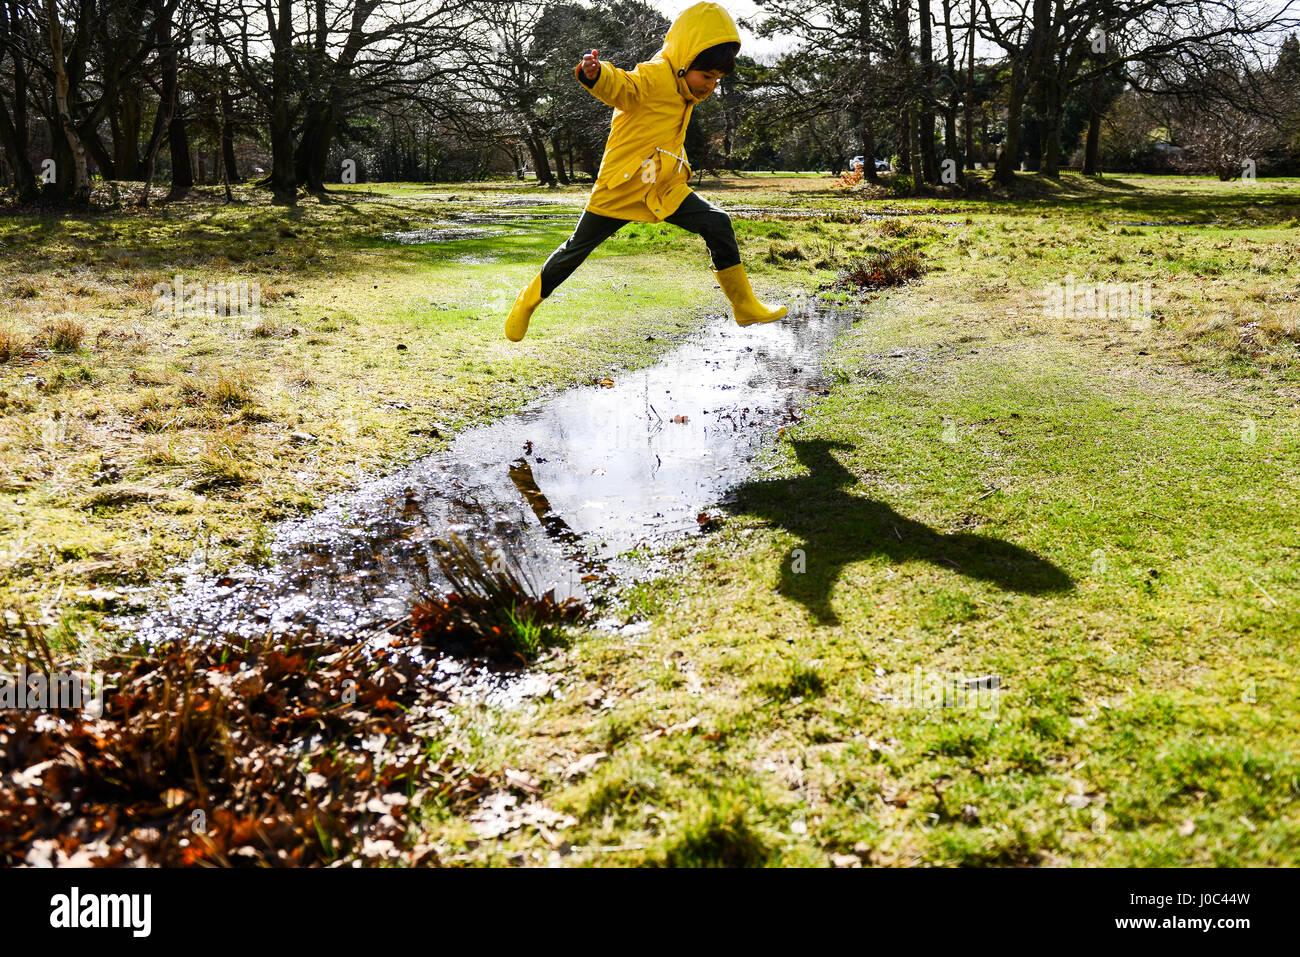 Chico en anorak amarillo saltar sobre charcos en el parque Imagen De Stock